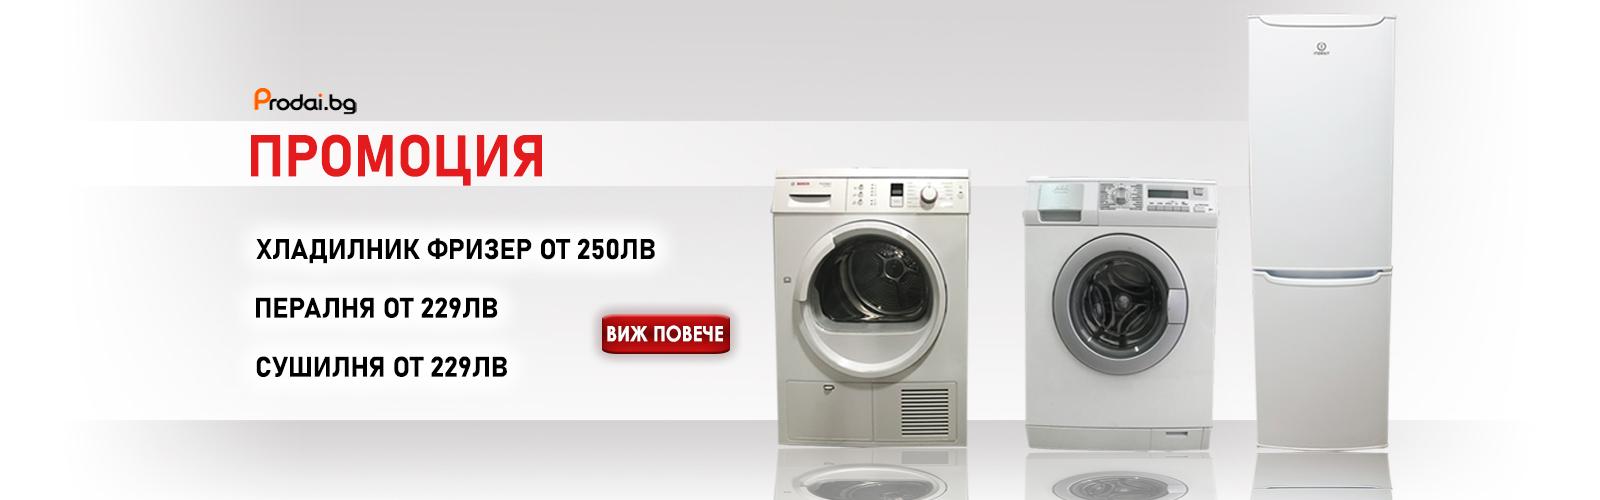 ZAspecialni-ceni-1600x500